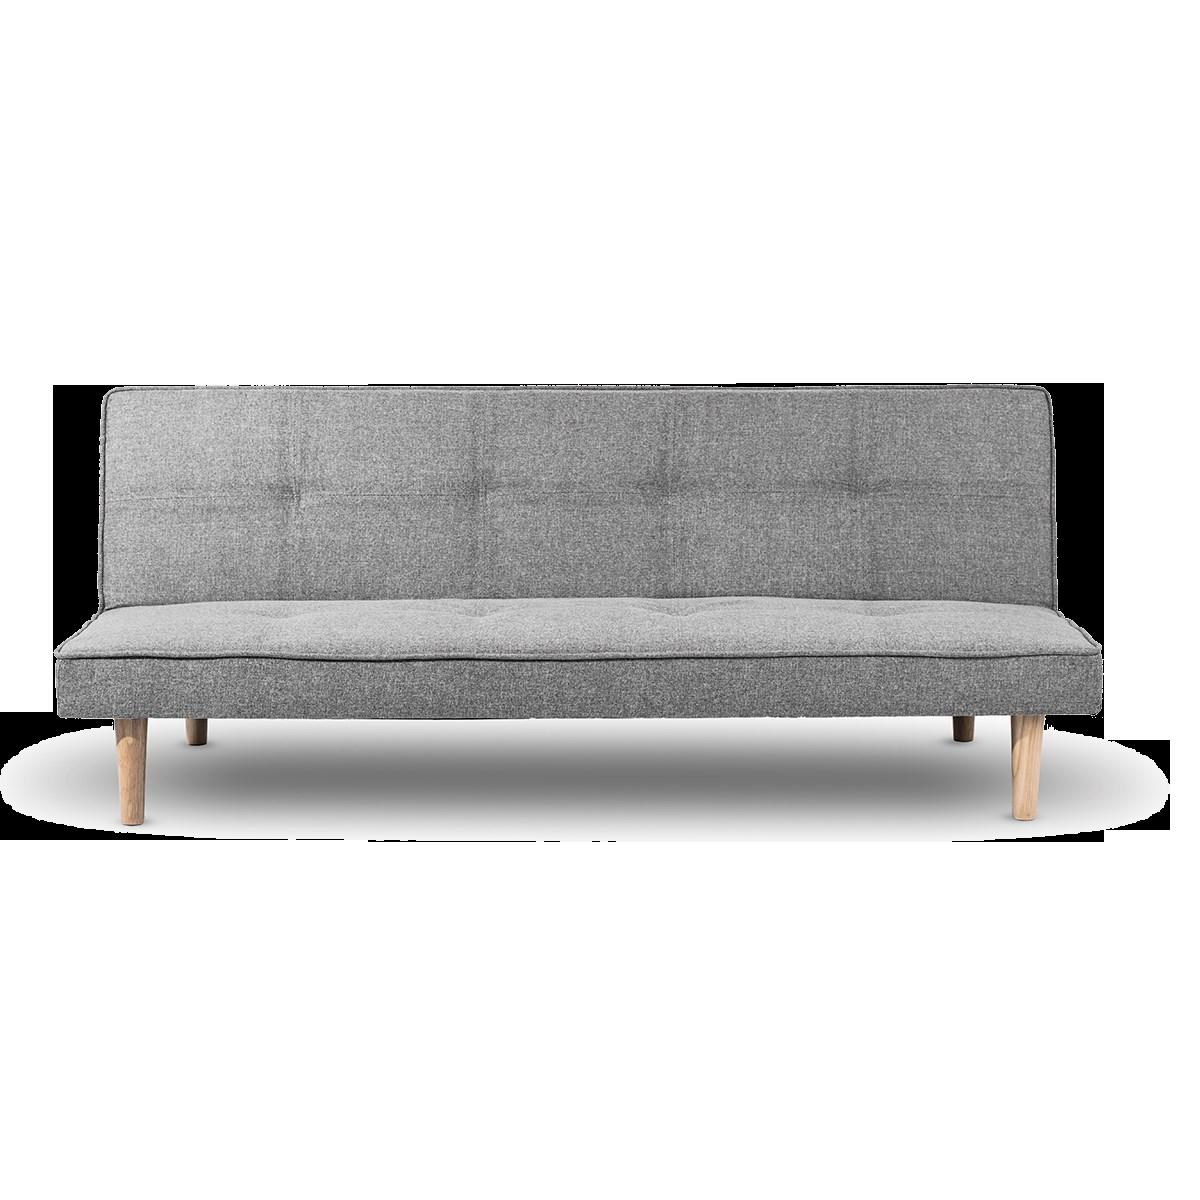 profondeur banquette profondeur banquette banquette lit cm banquette fixe ou p socle noir. Black Bedroom Furniture Sets. Home Design Ideas